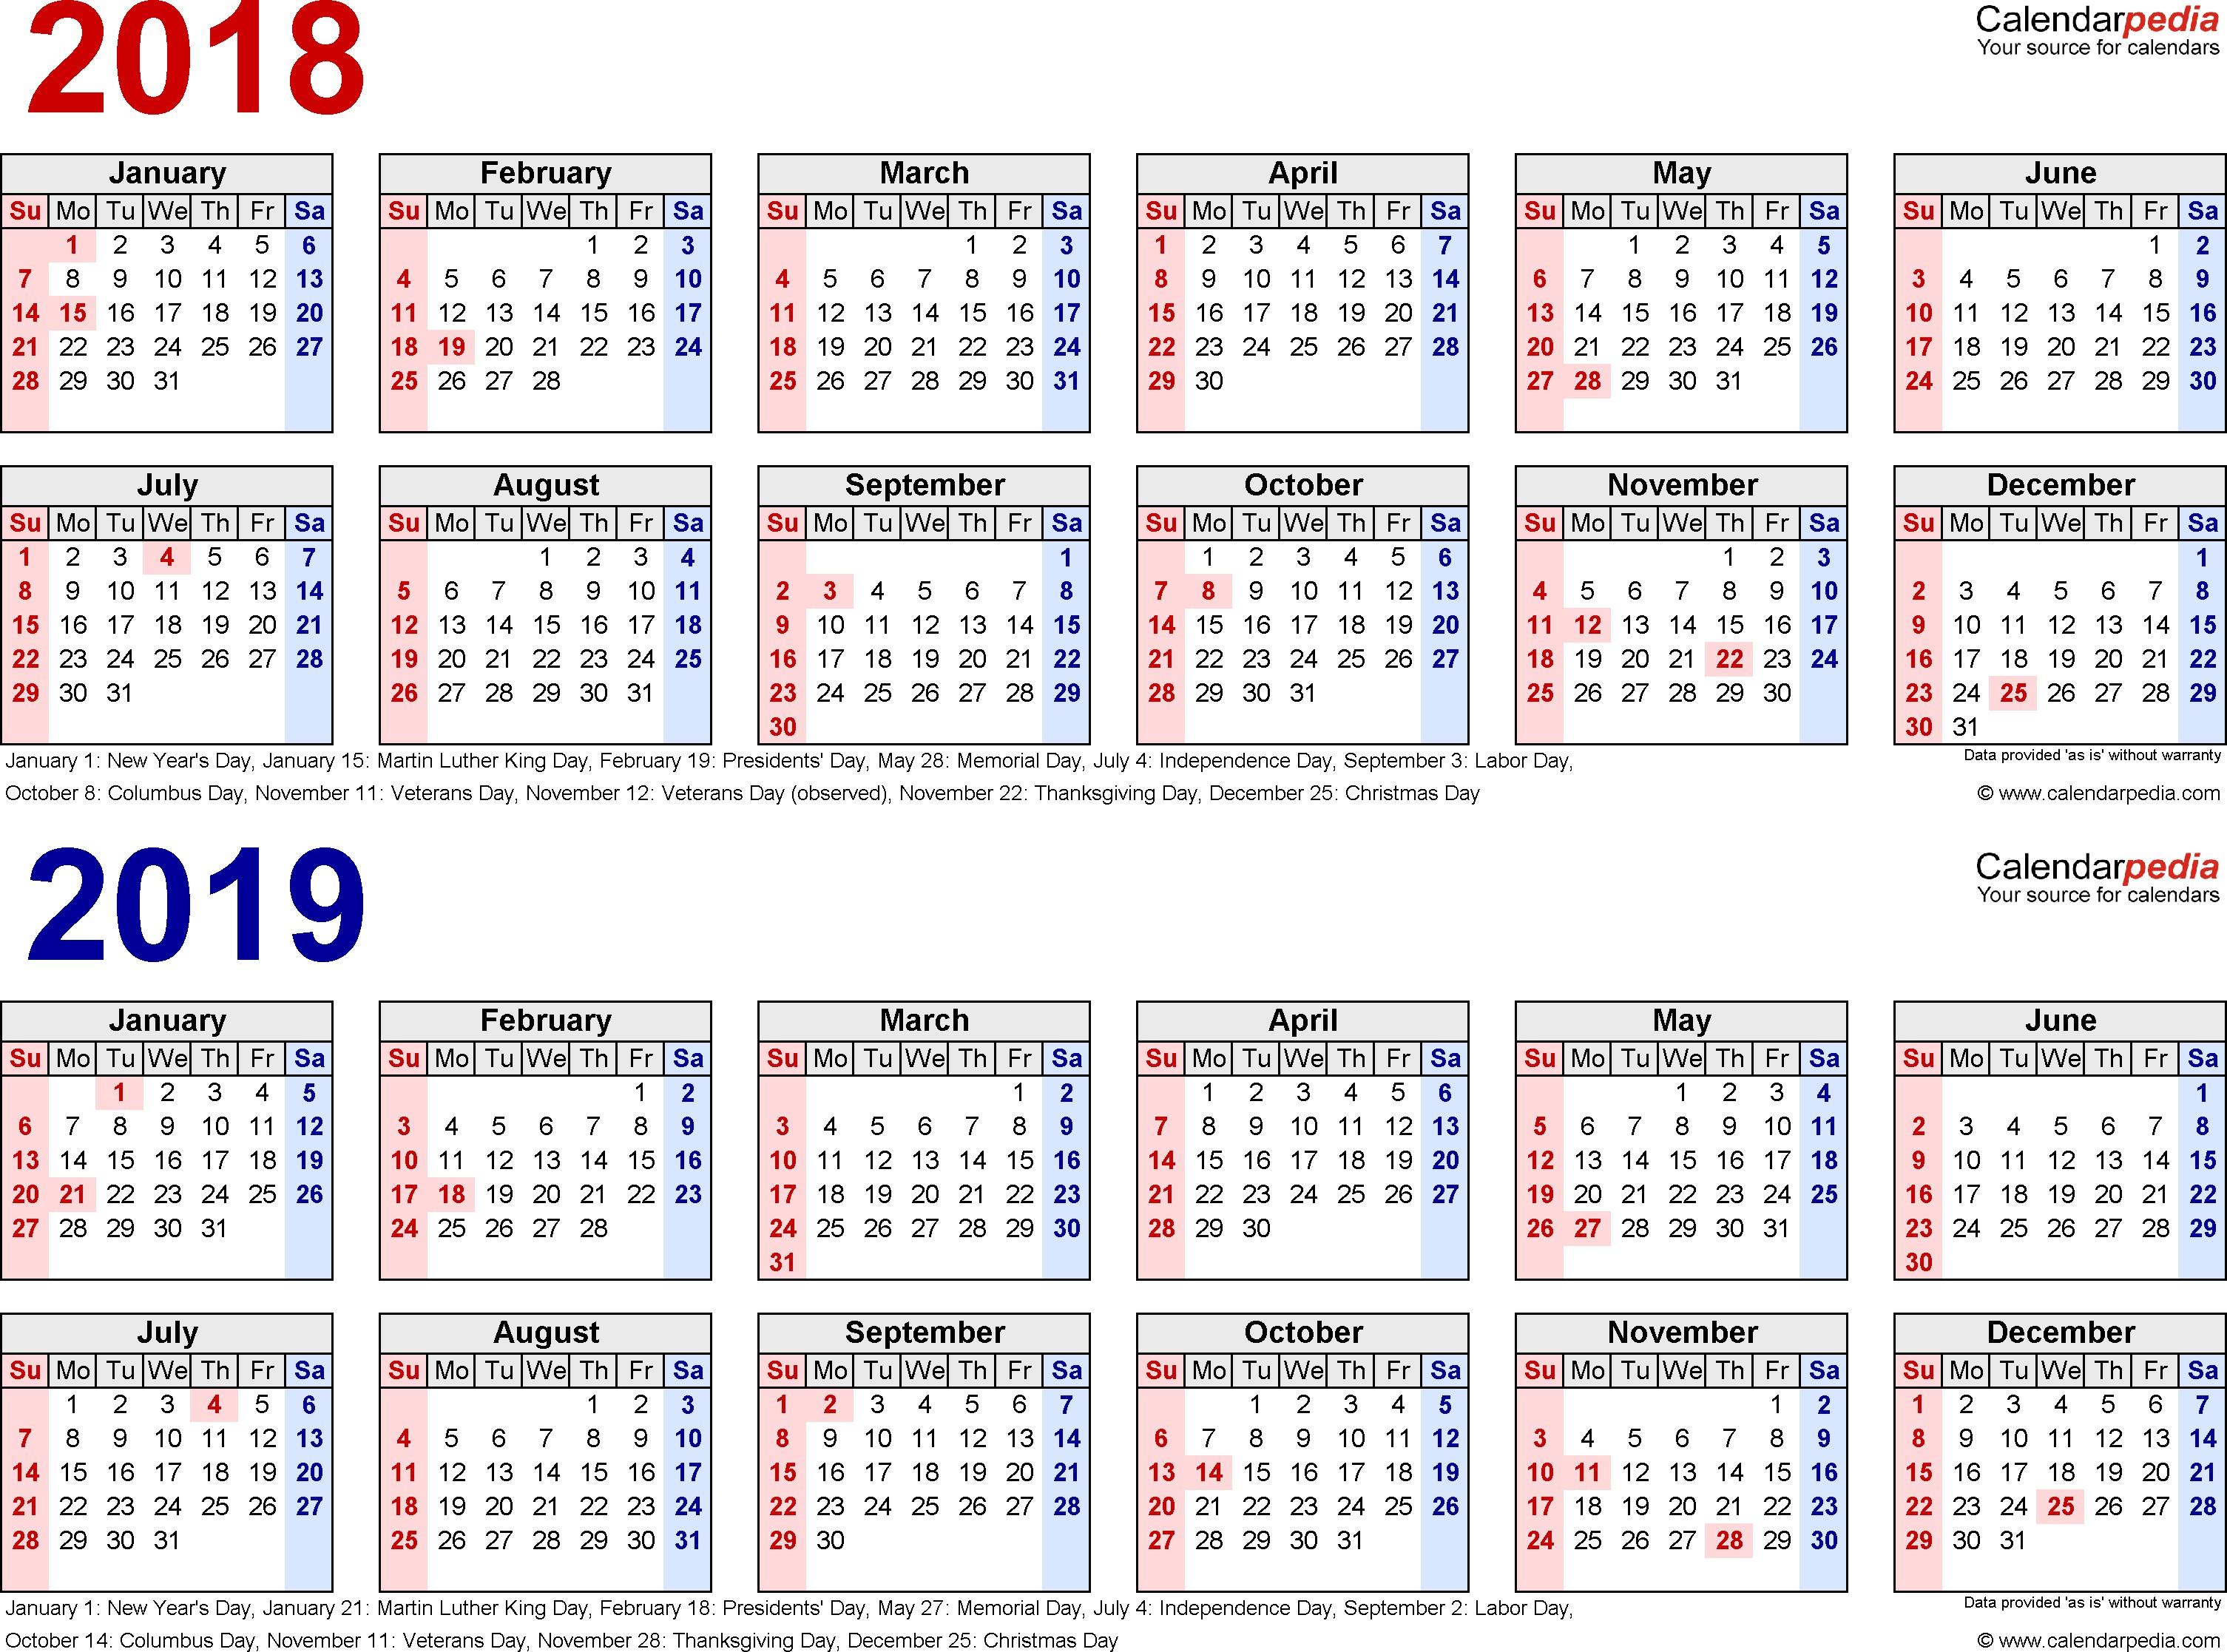 Calendario 2019 Annuale Da Stampare Más Recientes 2018 2019 Calendar Free Printable Two Year Excel Calendars Of Calendario 2019 Annuale Da Stampare Más Caliente Calendario Gennaio 2019